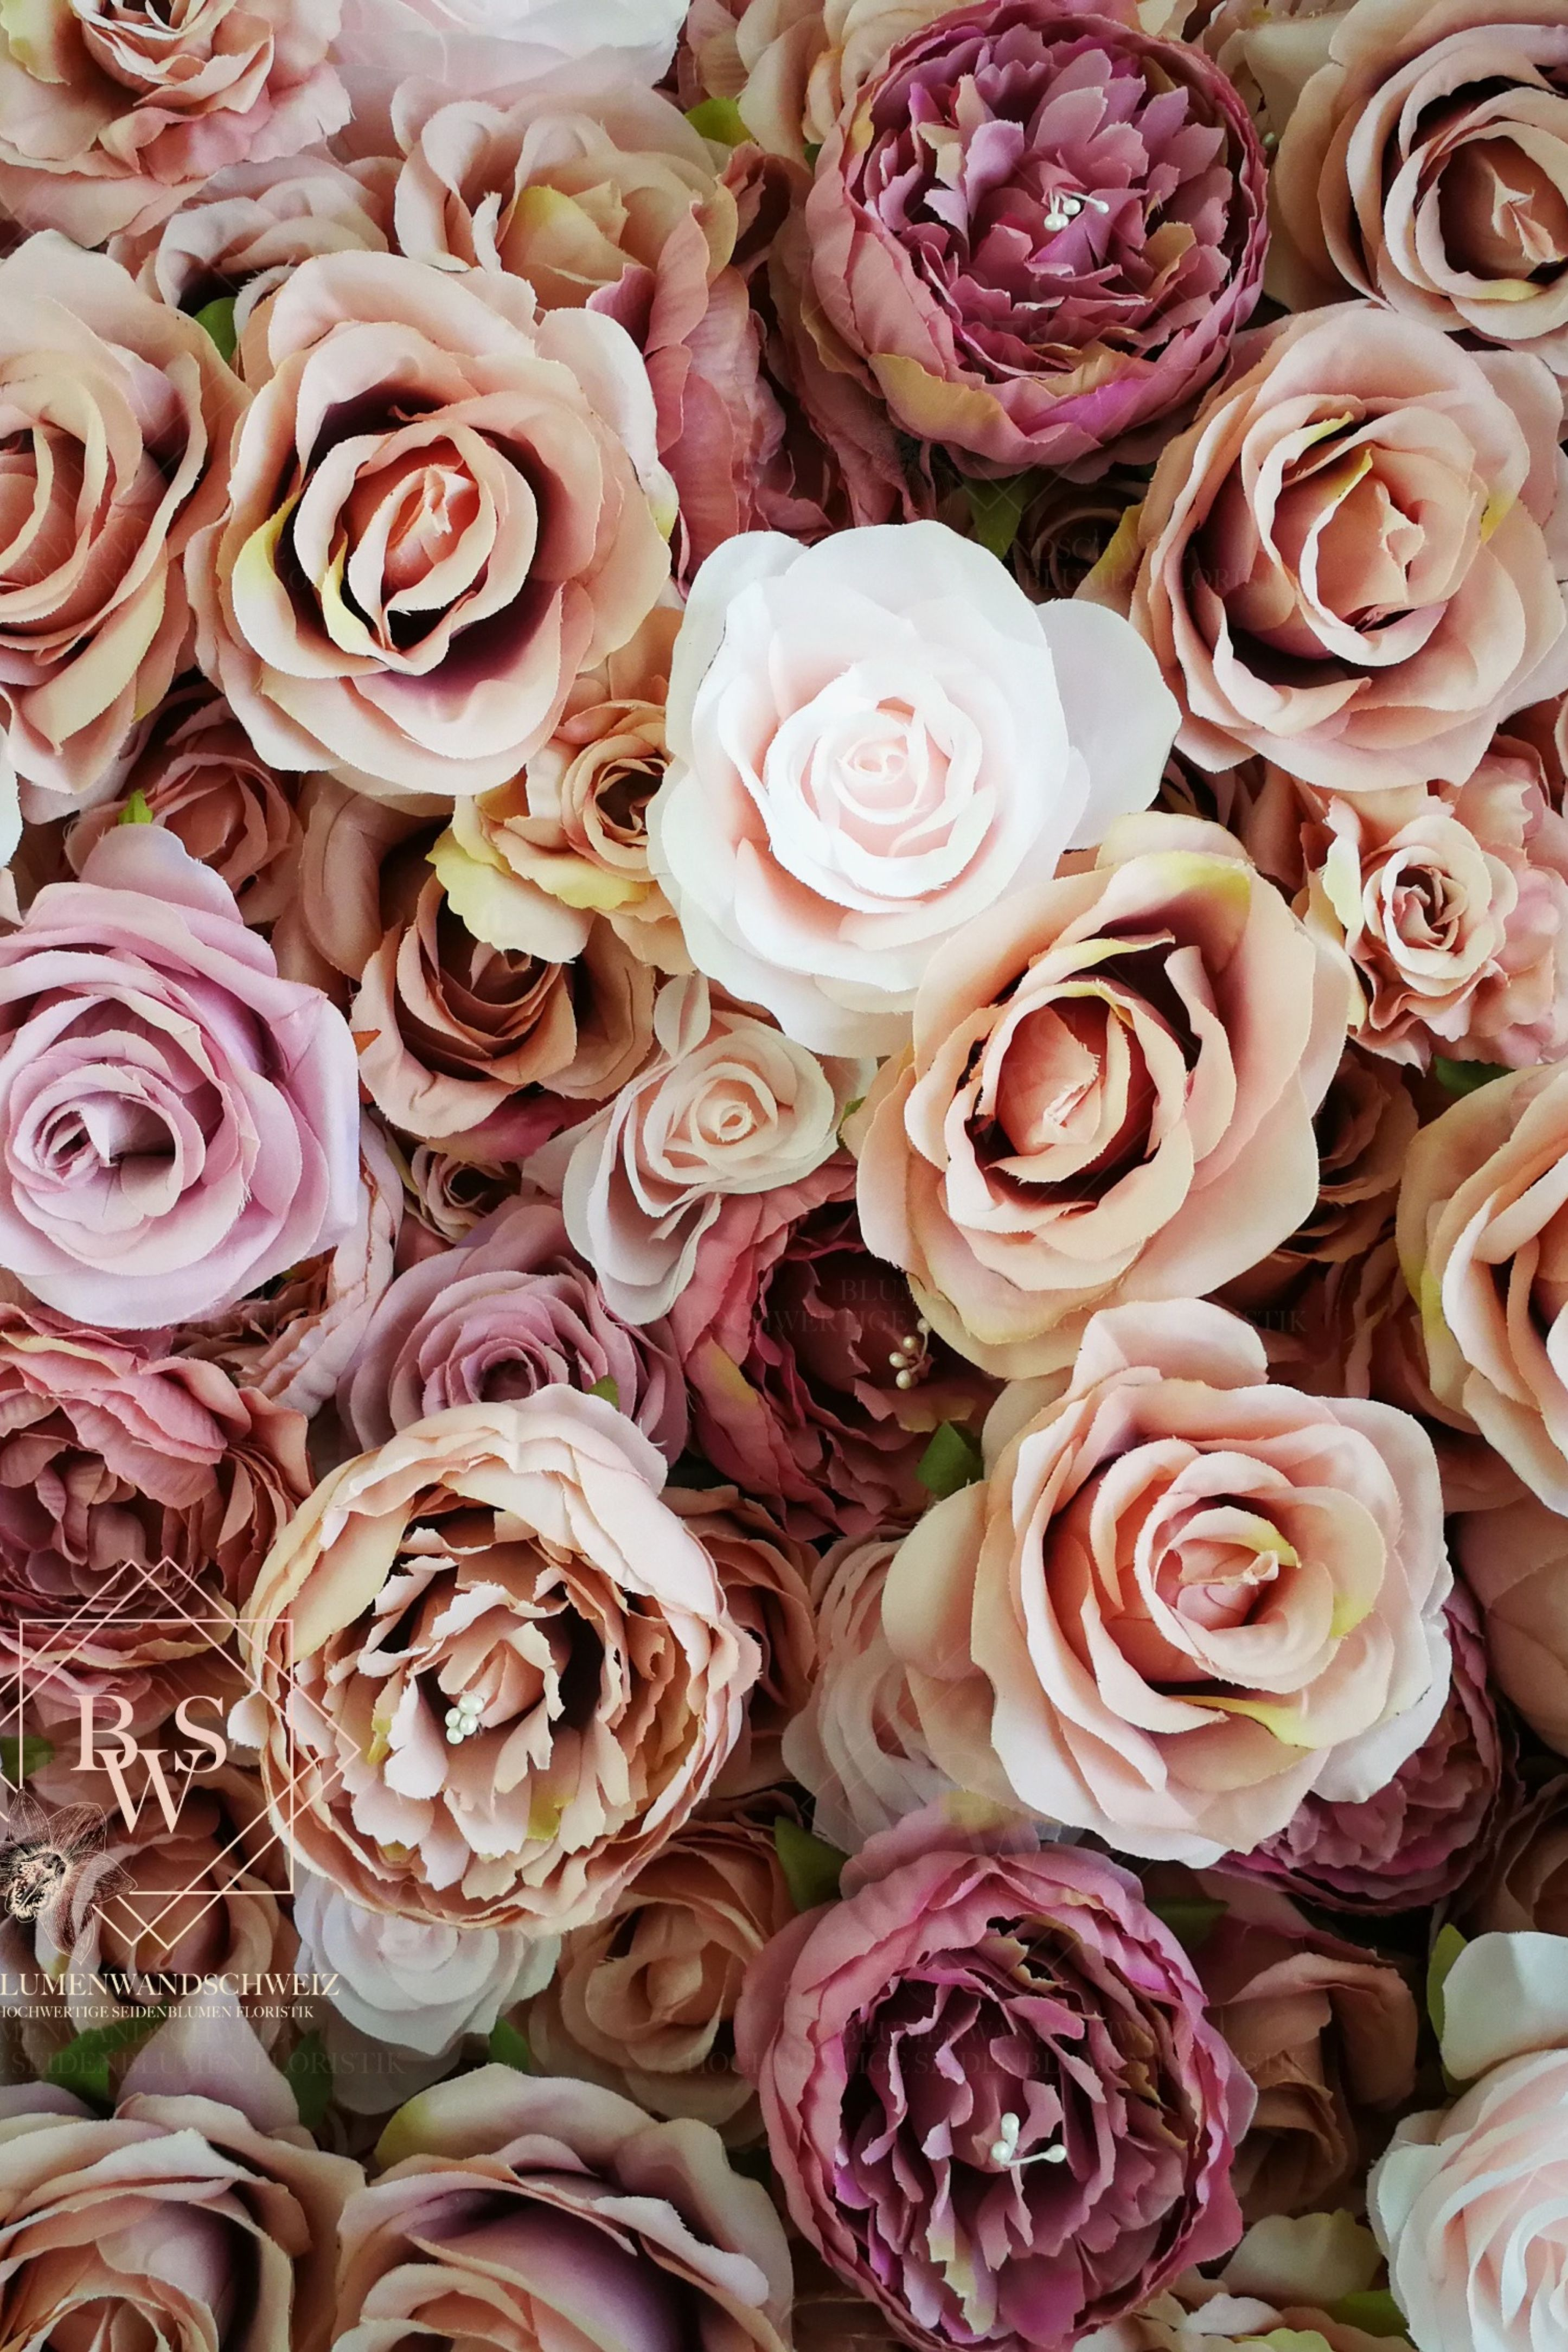 Flowerwall For Instagram Worthy Pictures Blumenwand Blumen Wand Seidenblumen